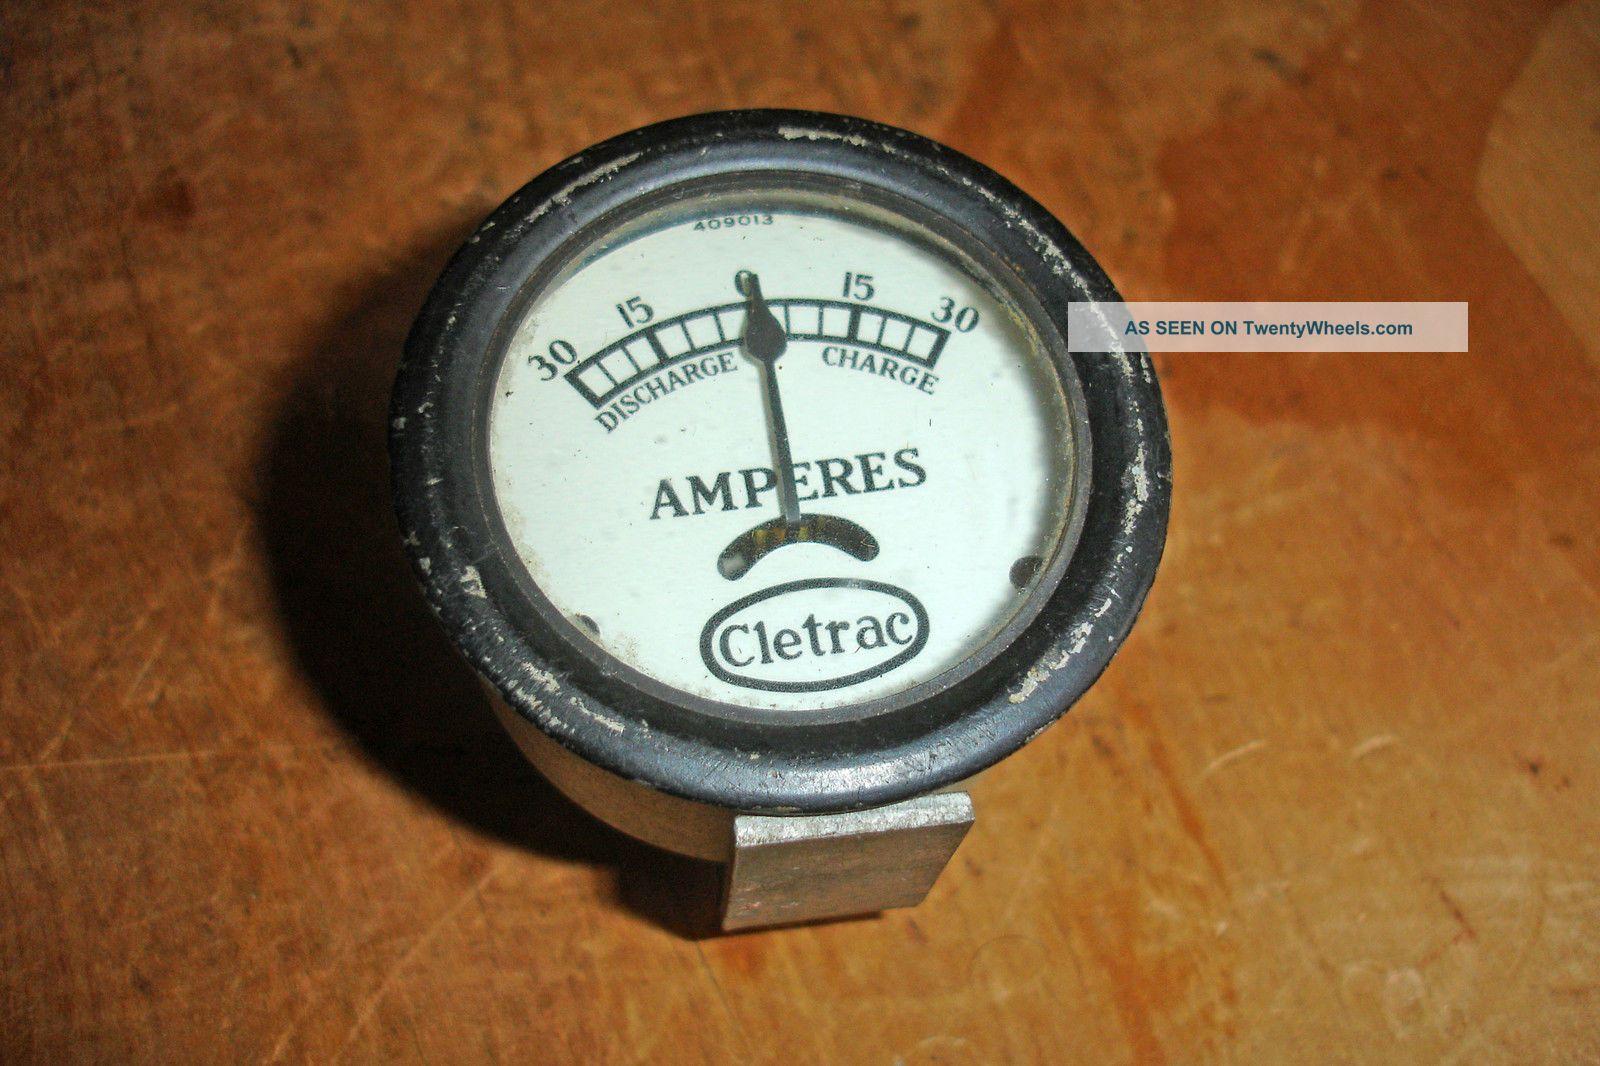 Nos Rare Vintage Cletrac Crawler Amp Gauge Oliver Oc3 Dd Hg Hgr A B D 30 Tractor Uncategorized photo